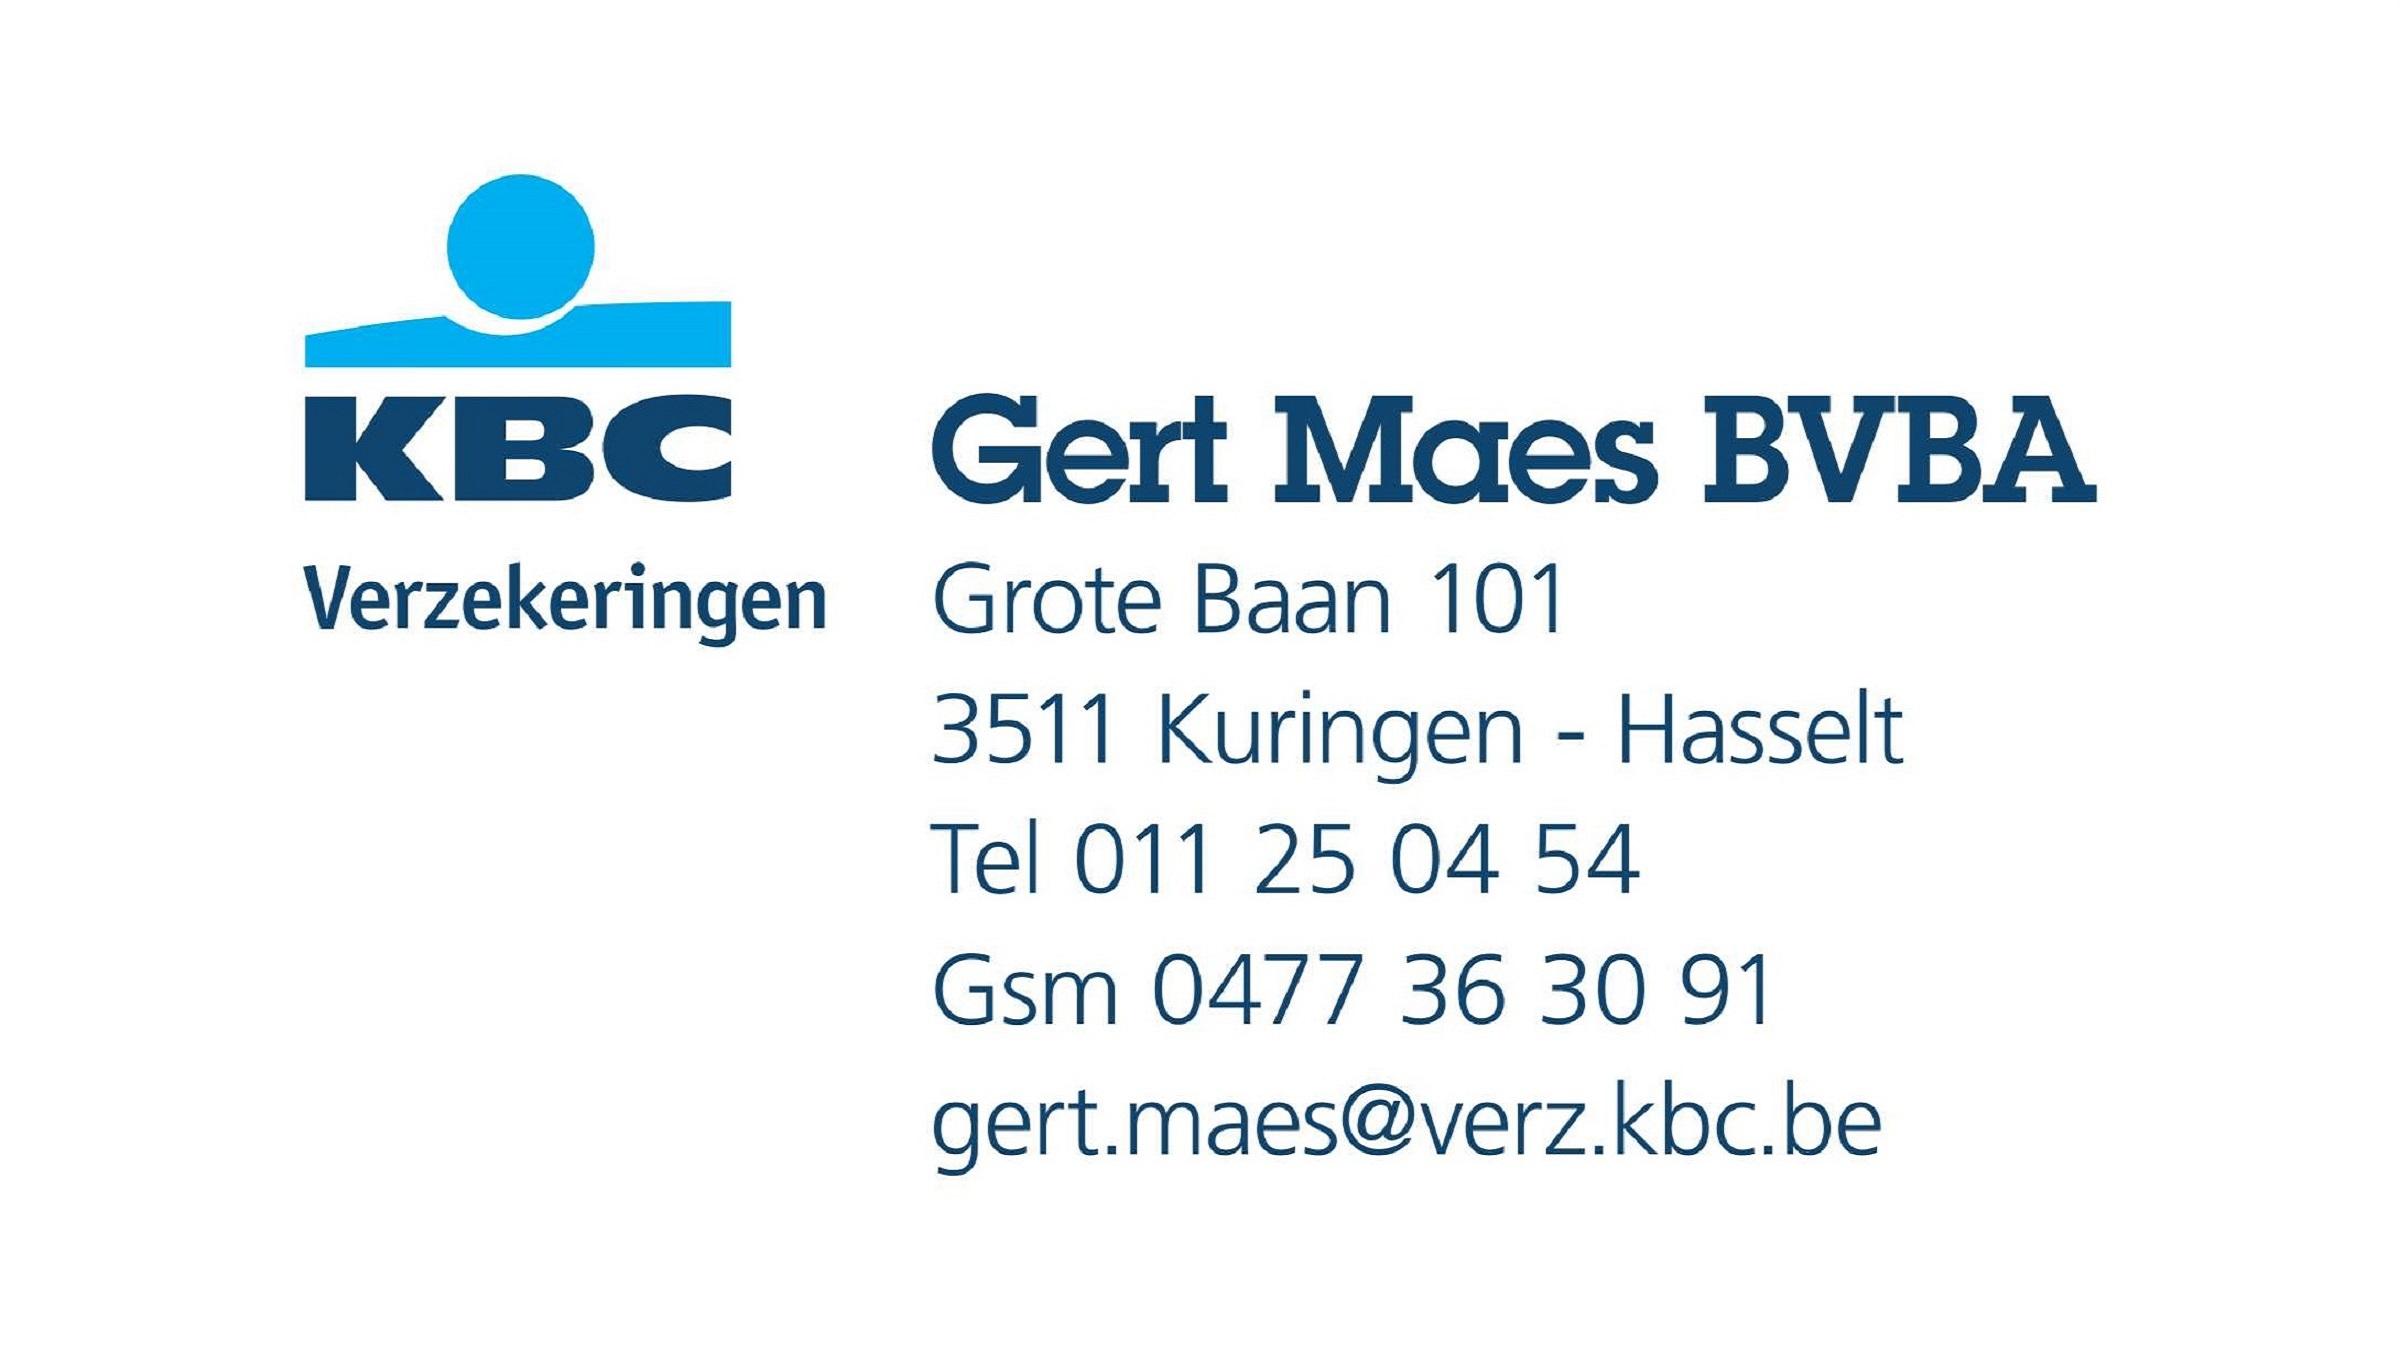 KBC Gert Maes.jpg